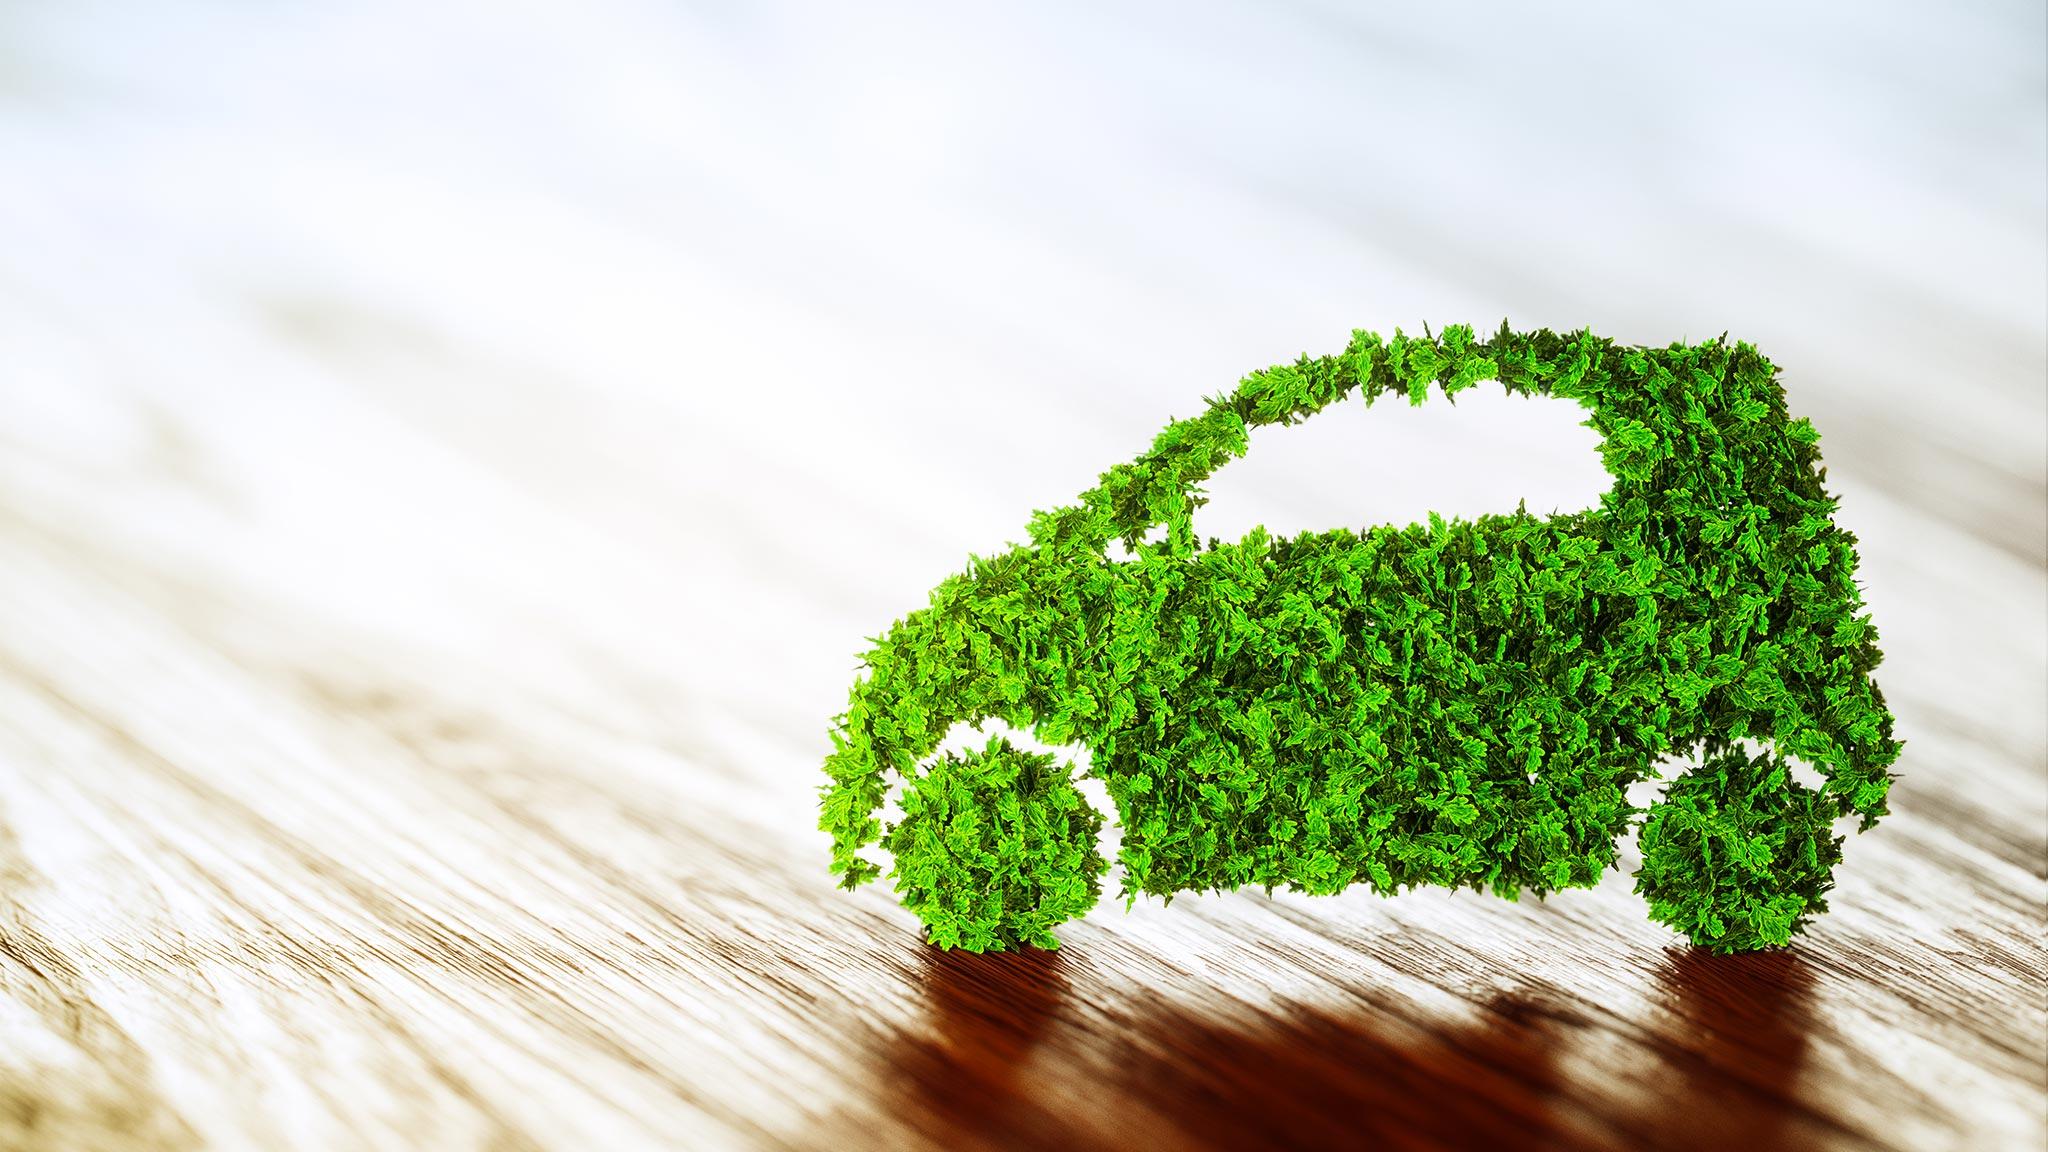 Grünes Gras-Auto auf einem Holzboden